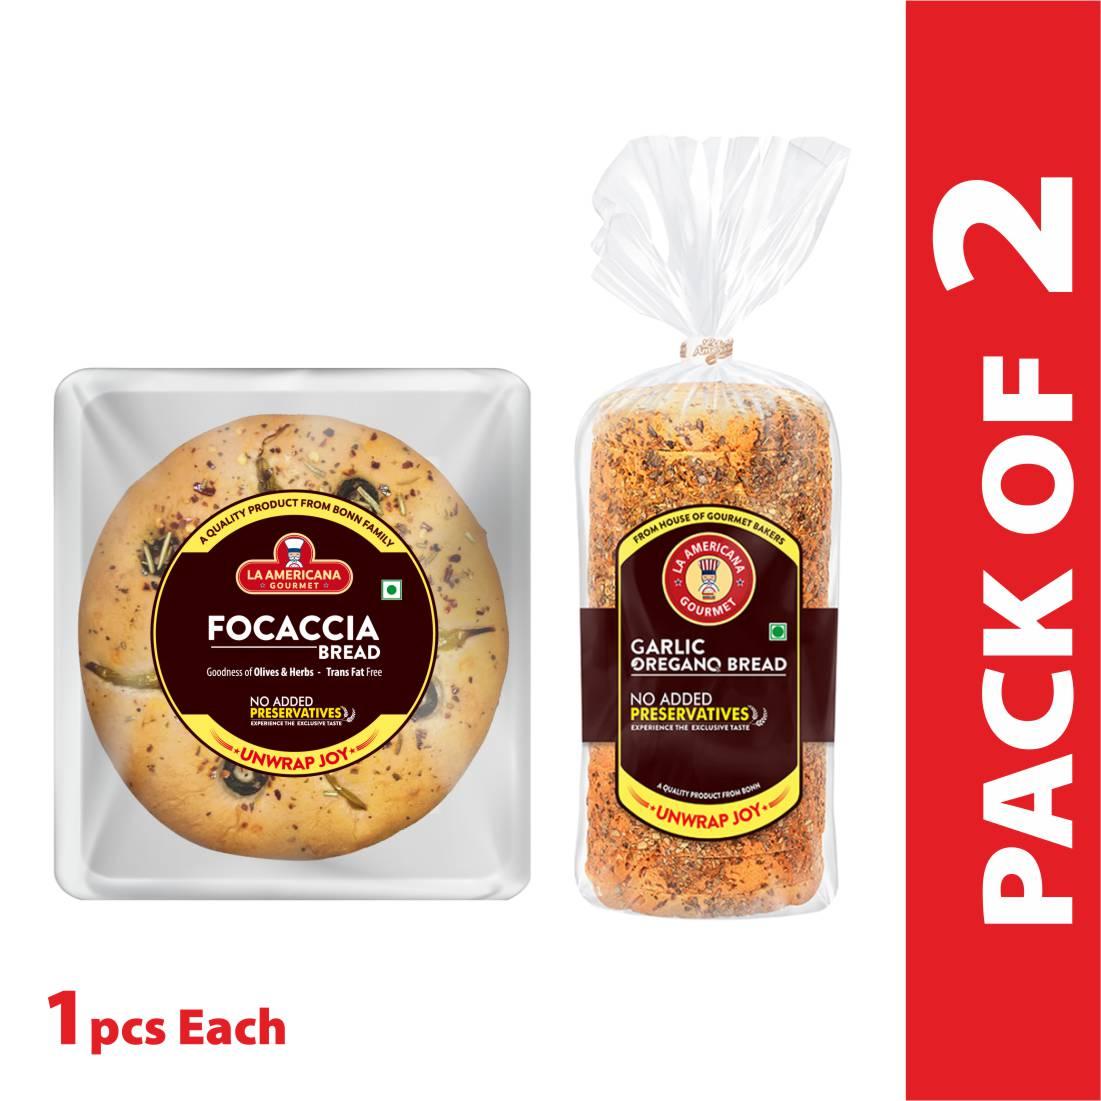 La Americana GARLIC OREGANO BREAD 250g, and LA Americana Focaccia Bread 100g, (Pack of 1 each)